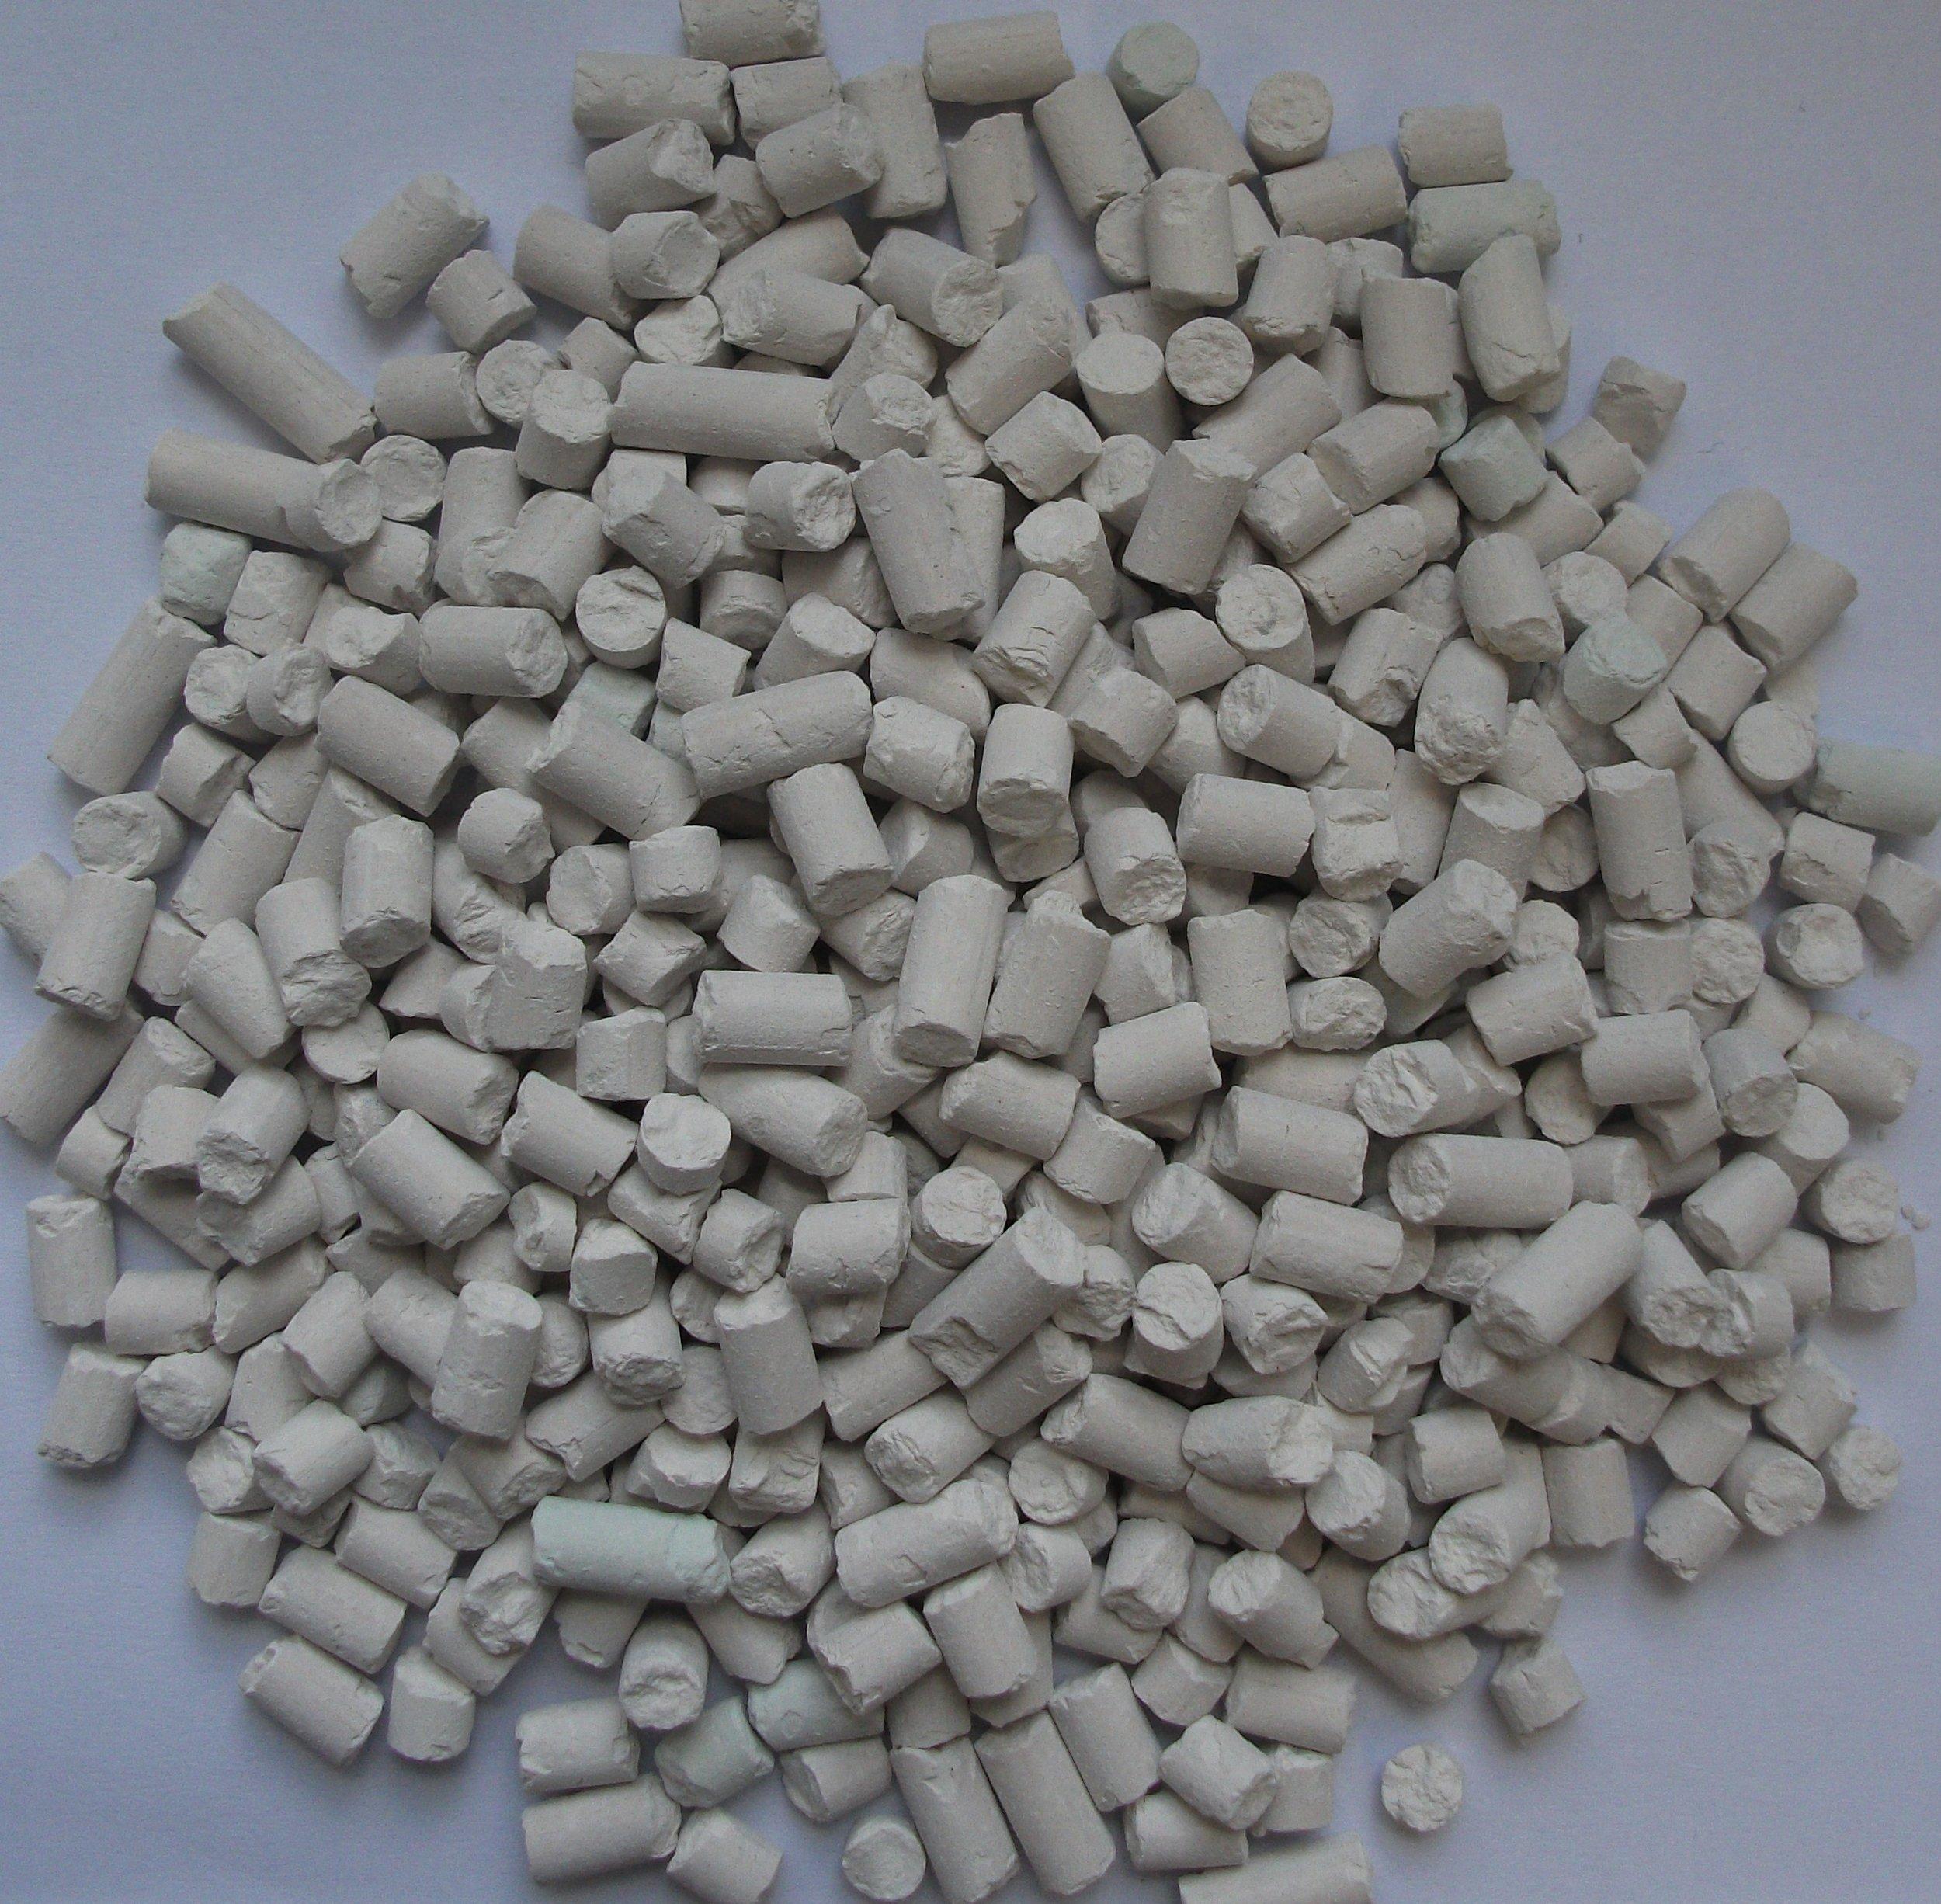 Catalyst, copper, zinc, molybdenum, cobalt, nickel, magnesium, manganese, vanadium